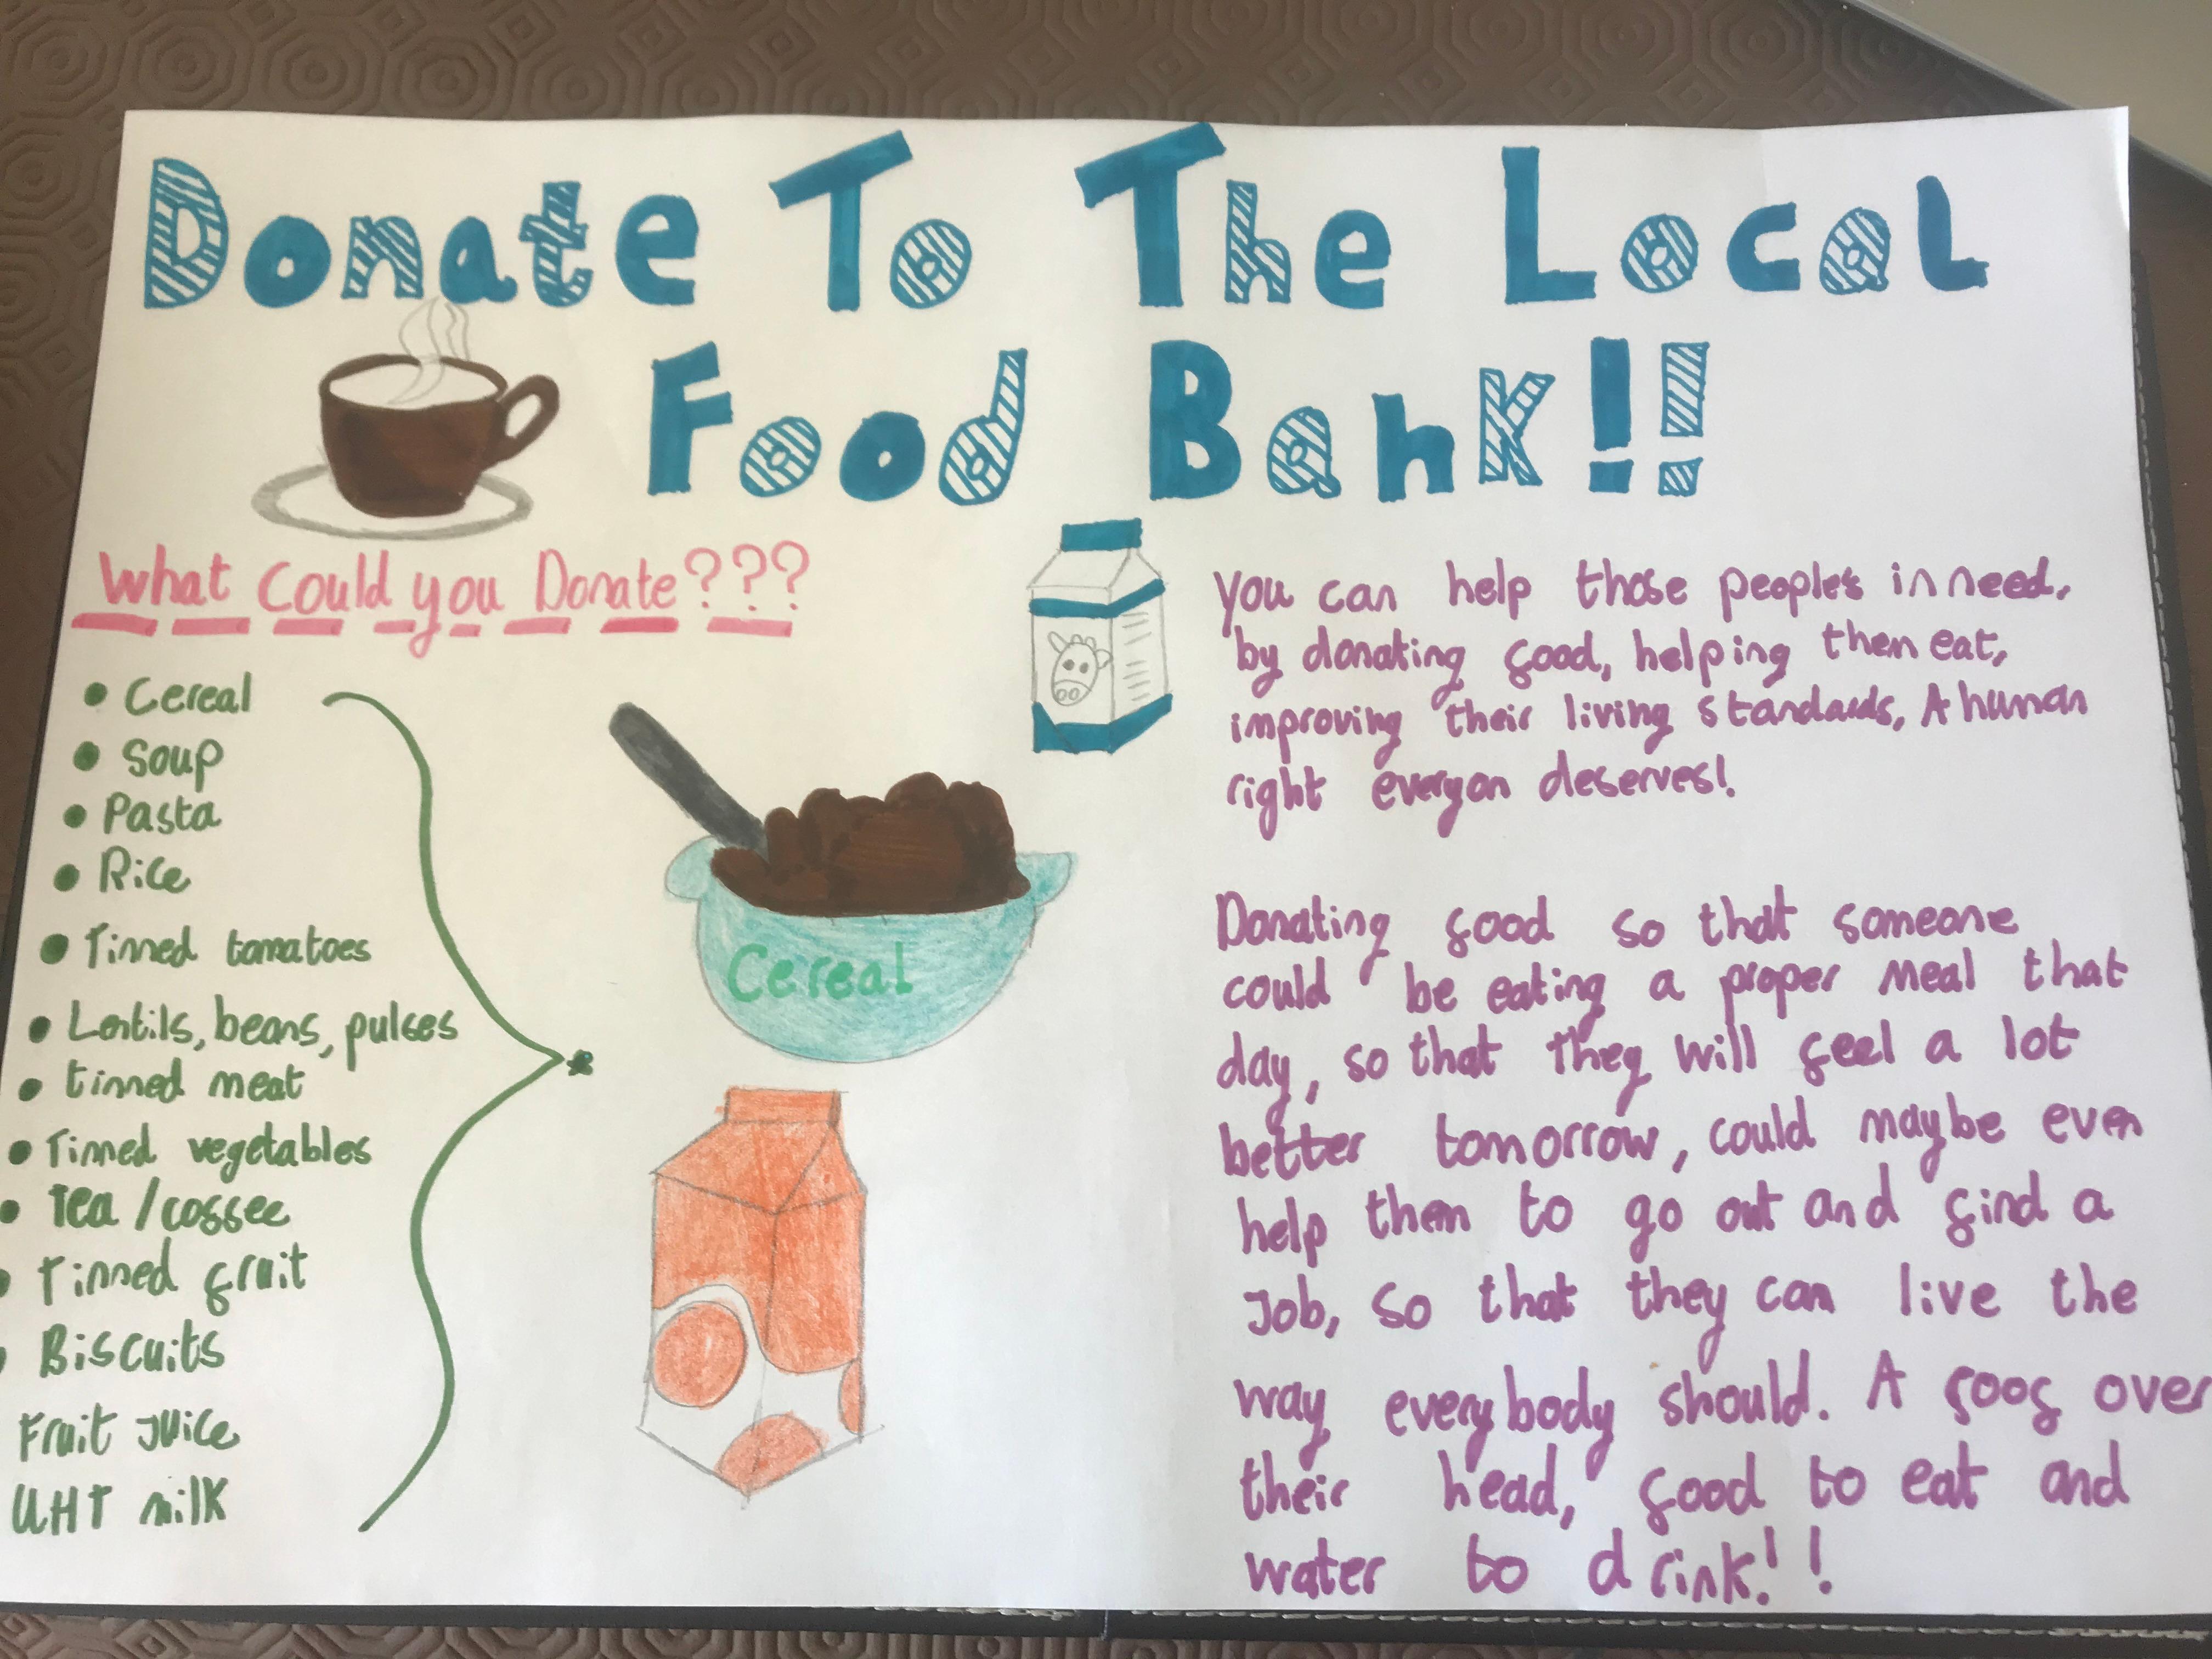 25/06/20 - Donate to Food Banks